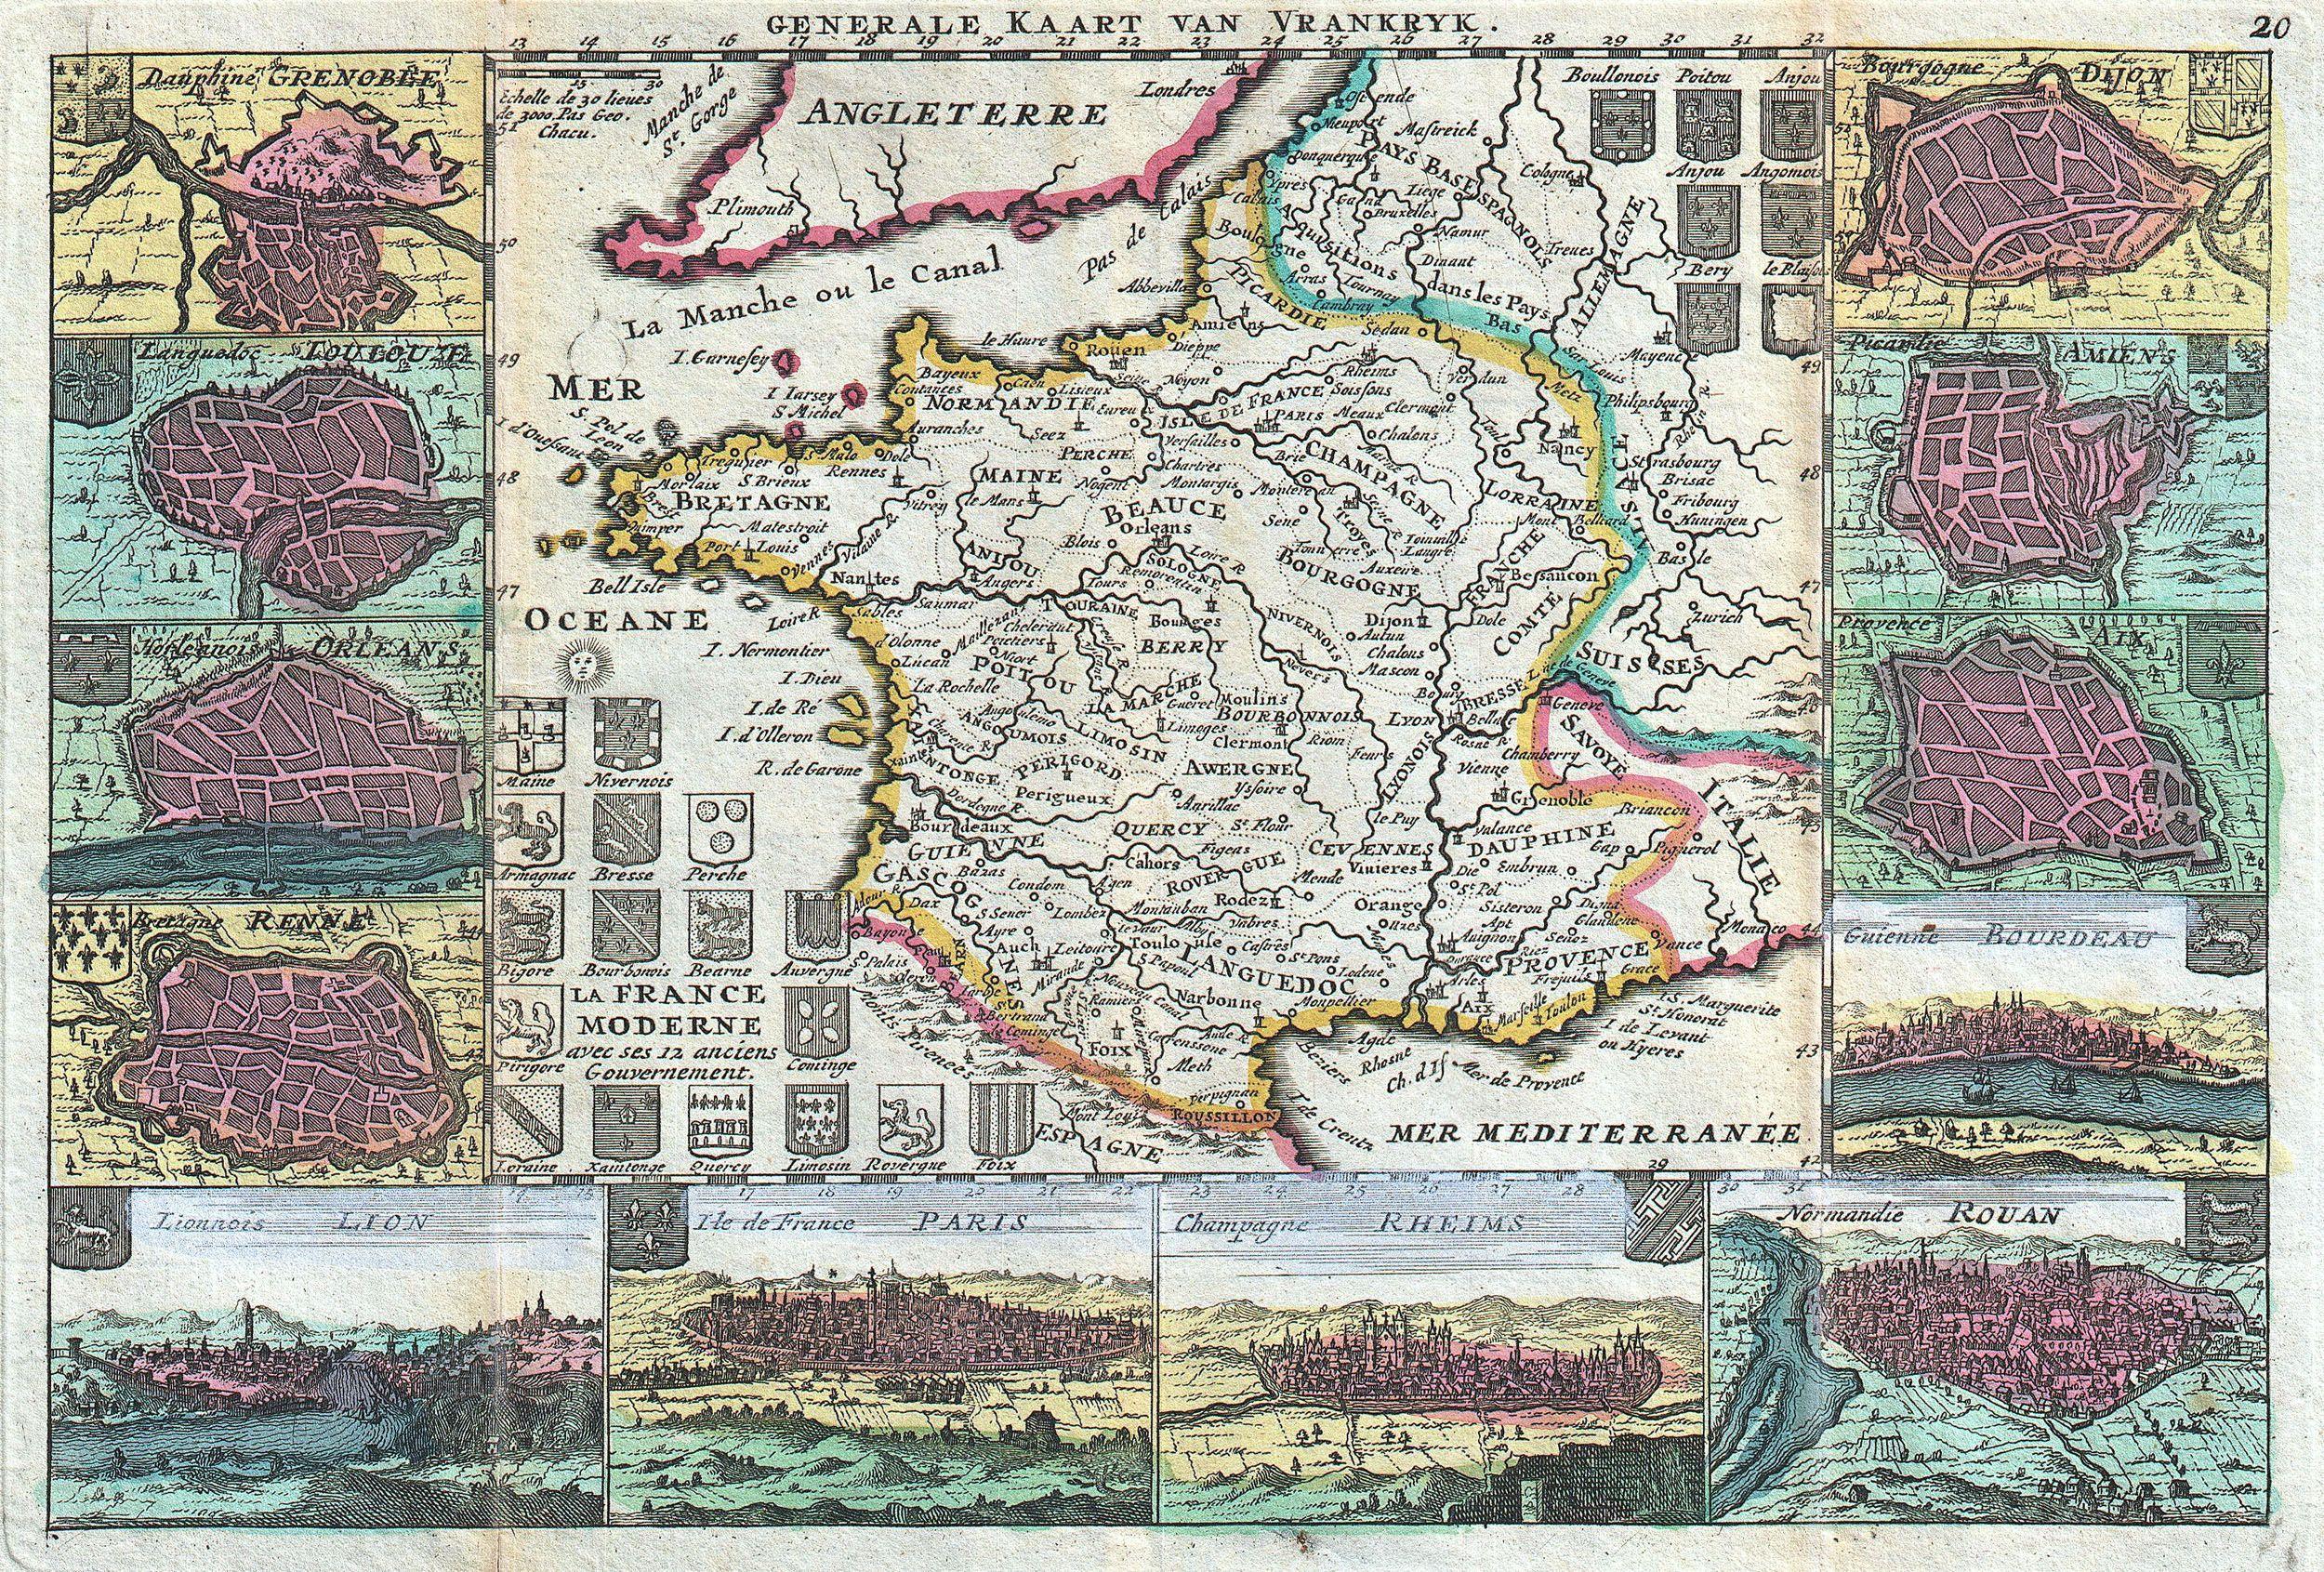 1747 in France